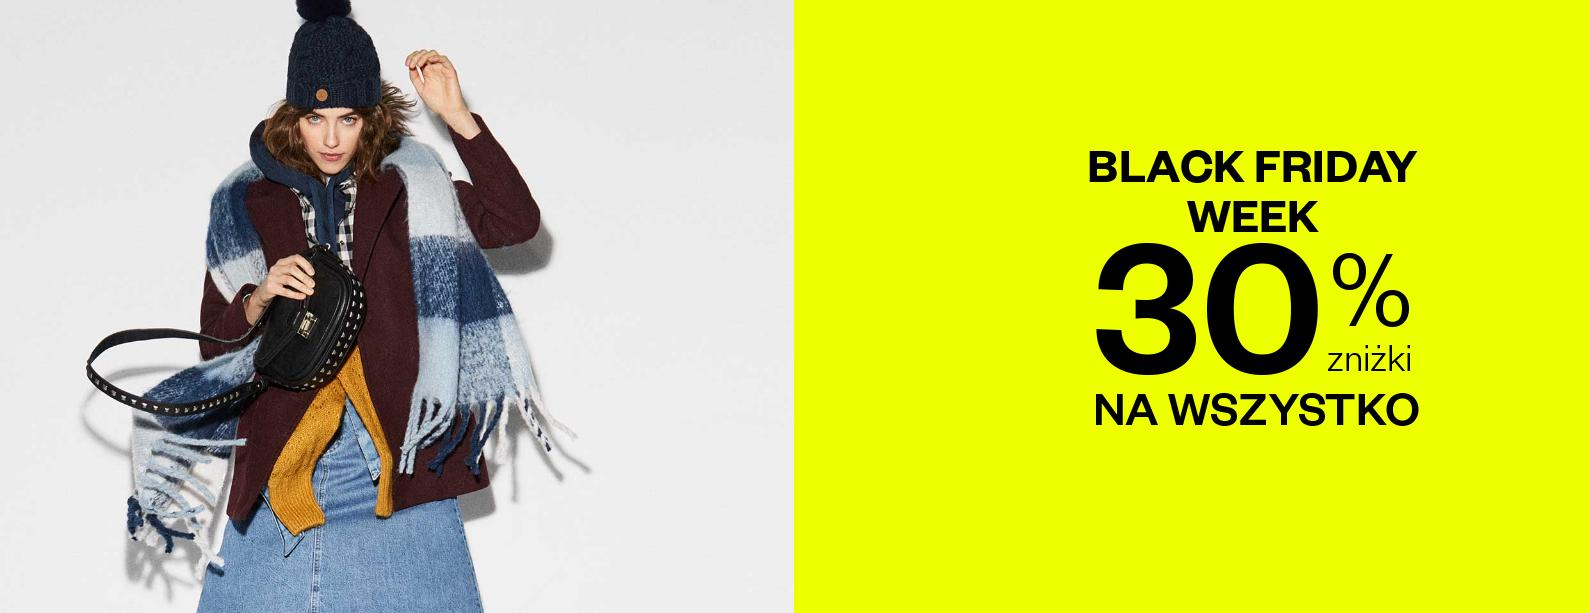 Pepe Jeans: Black Friday Week 30% zniżki na odzież damską, męską i dziecięcą